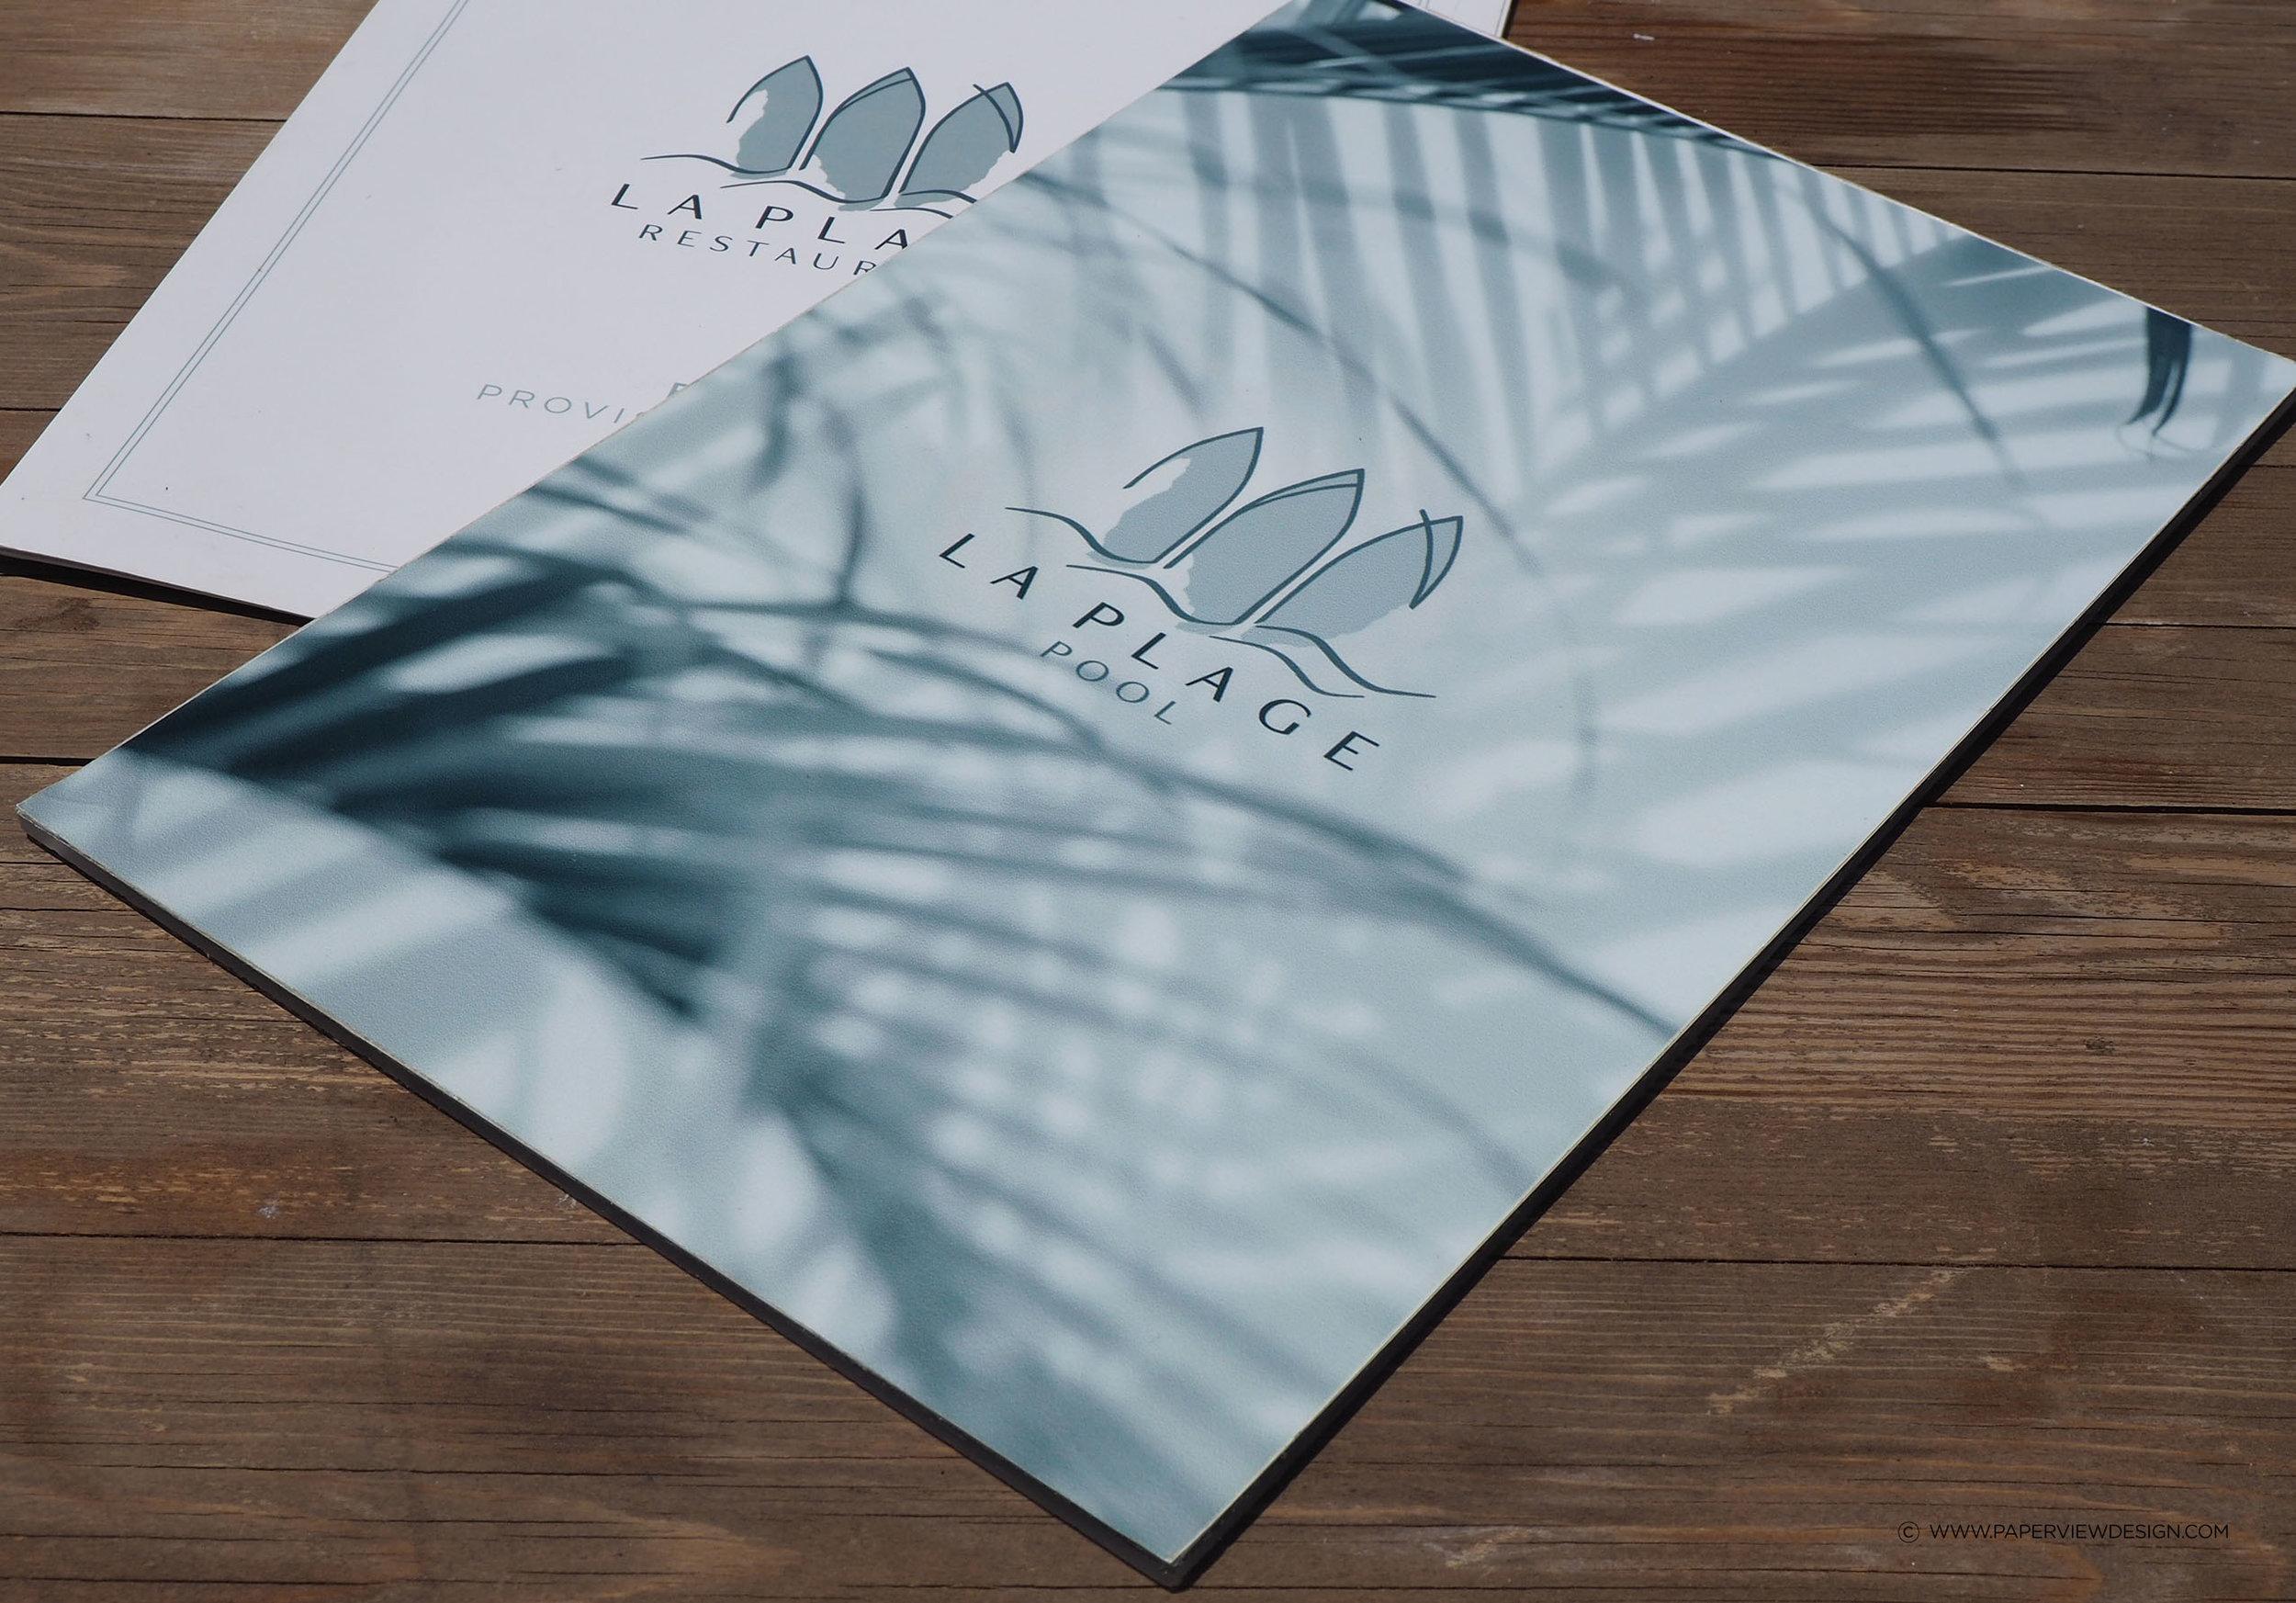 LaPlage-Seafood-Sea-Pool-Food-Logo-Menu-Identity-Branding